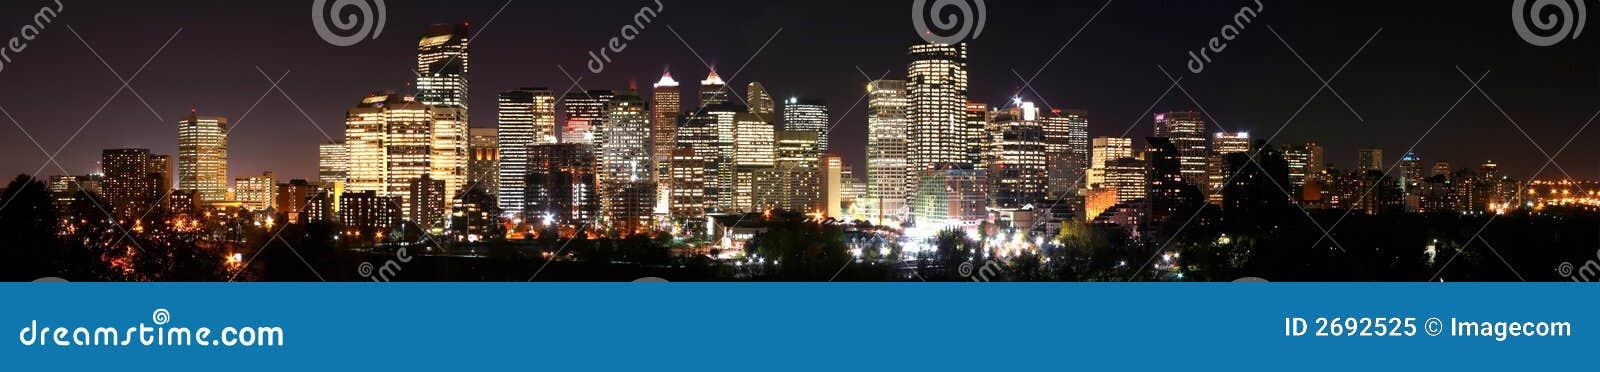 μεγάλη πόλη